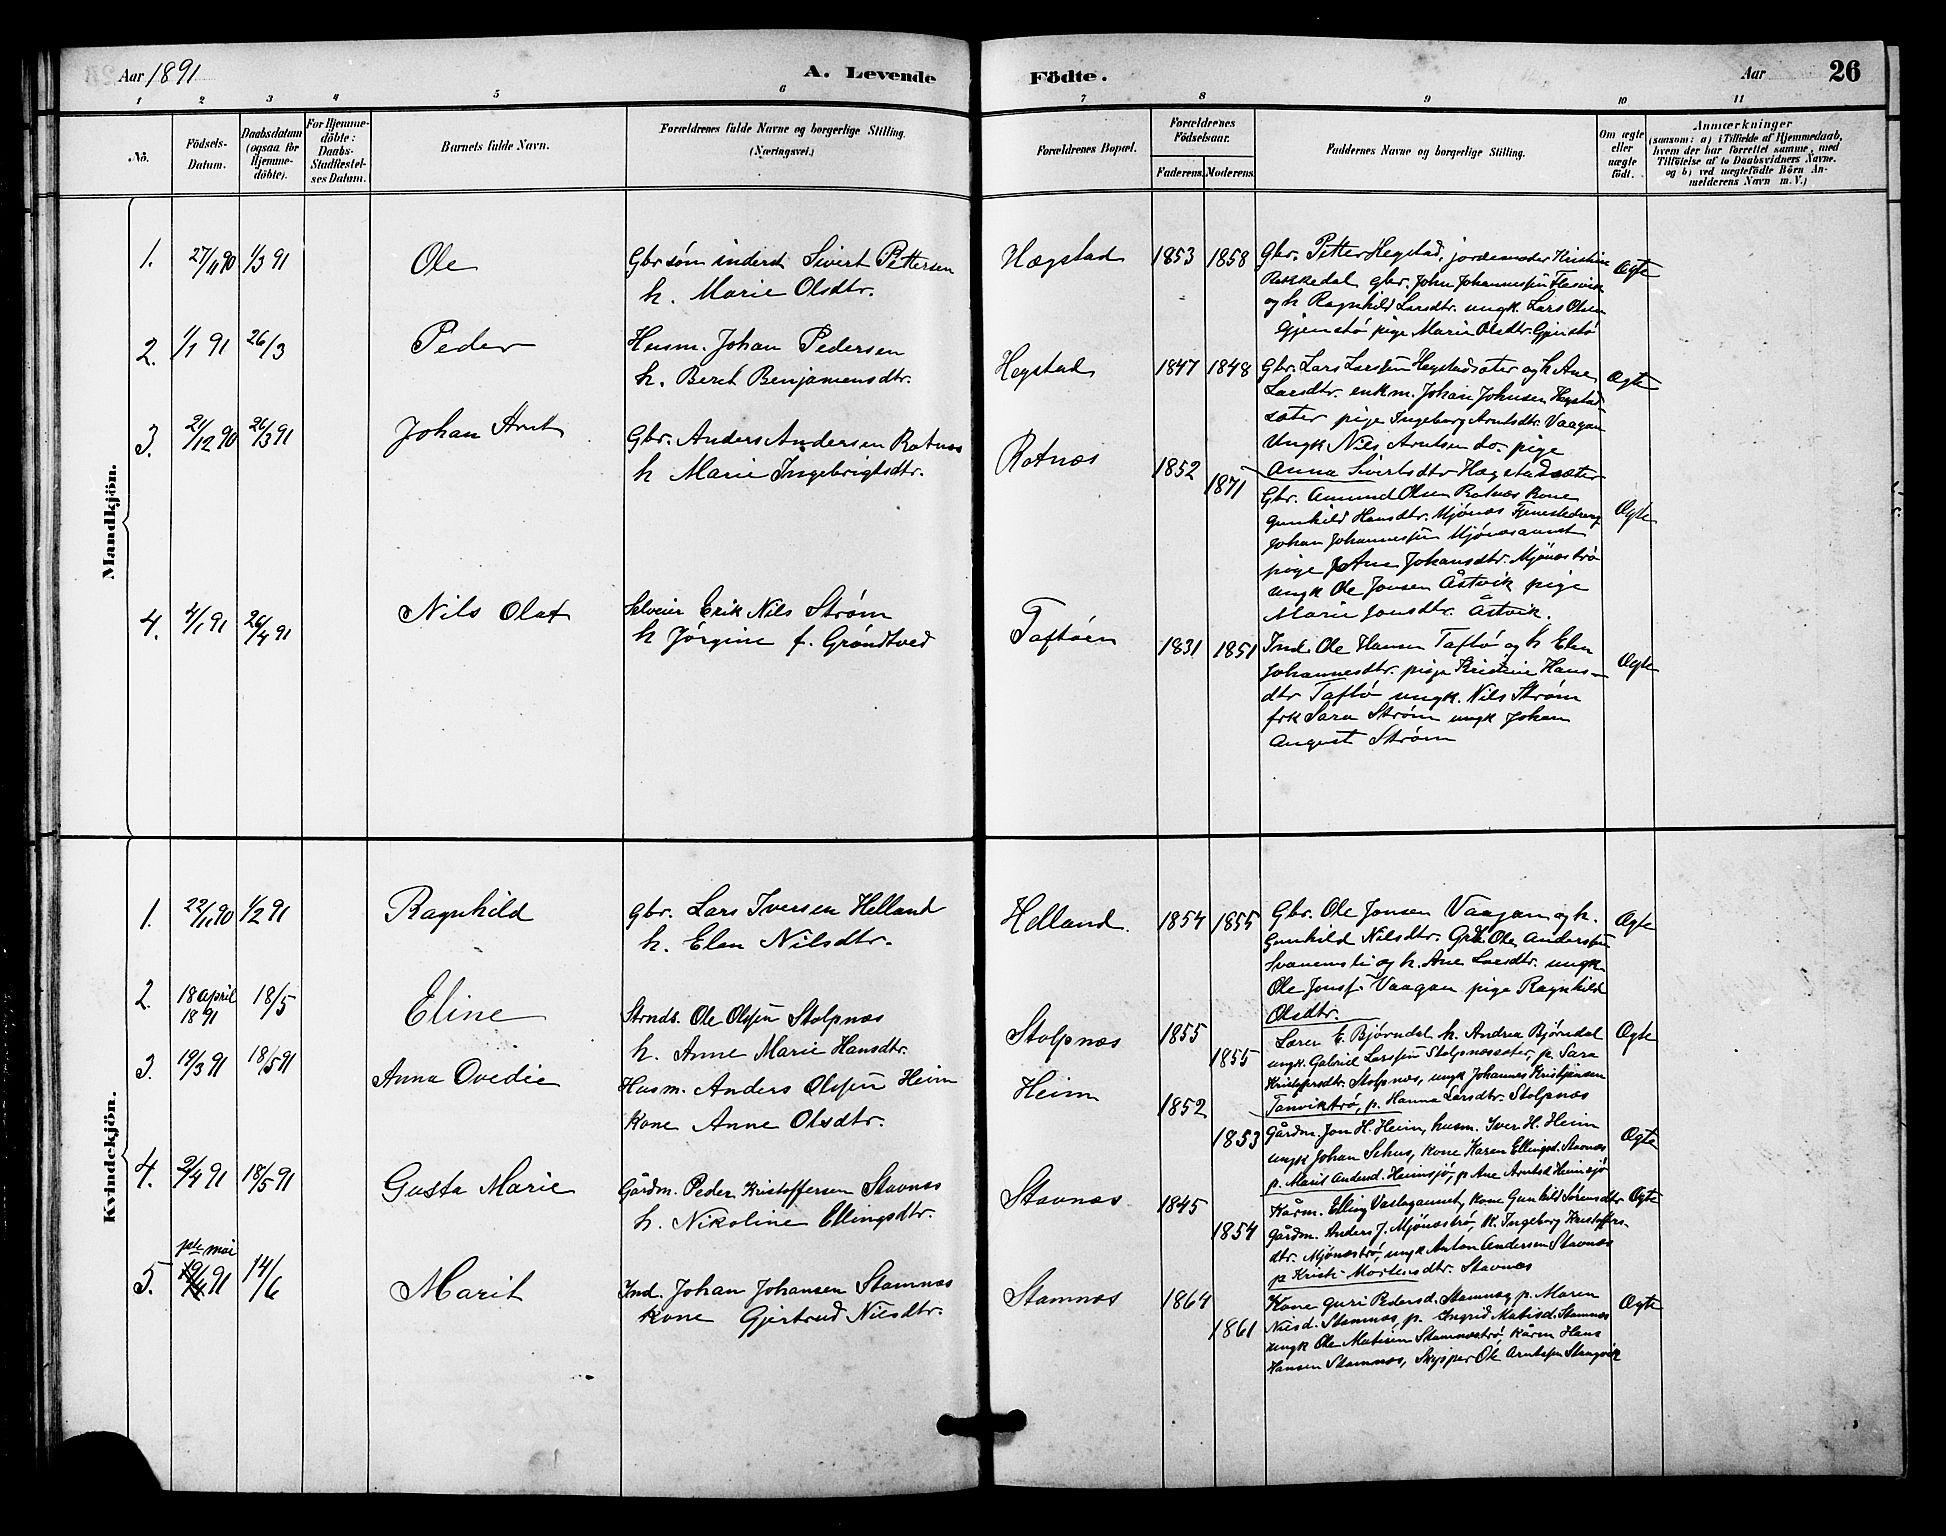 SAT, Ministerialprotokoller, klokkerbøker og fødselsregistre - Sør-Trøndelag, 633/L0519: Klokkerbok nr. 633C01, 1884-1905, s. 26